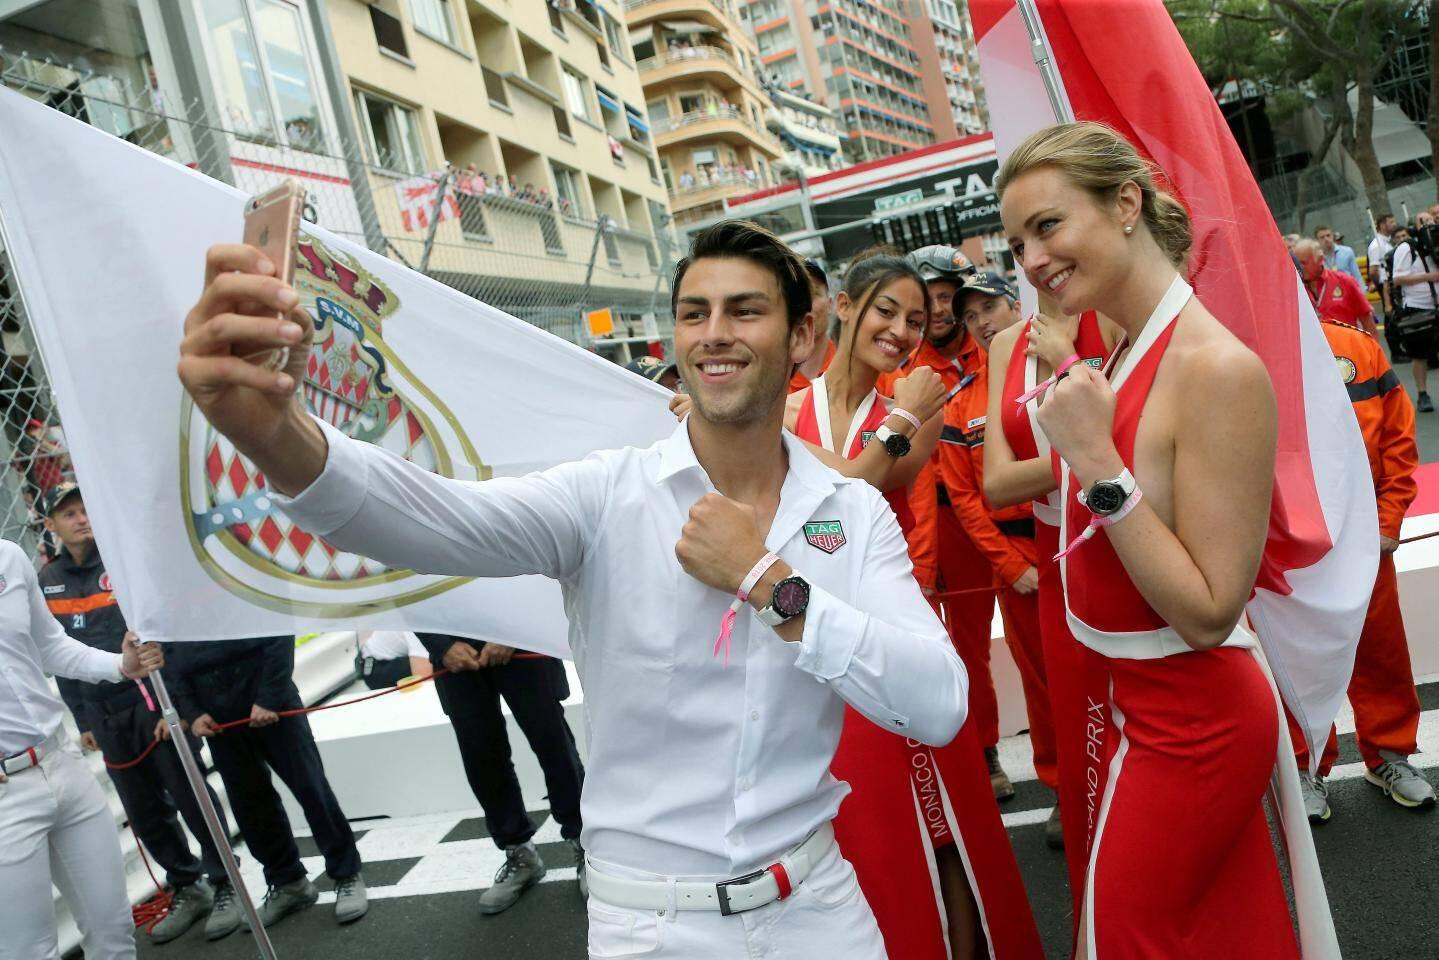 Choisis dans des écoles de mannequins, ils contribuent à l'image du Grand Prix de Monaco.